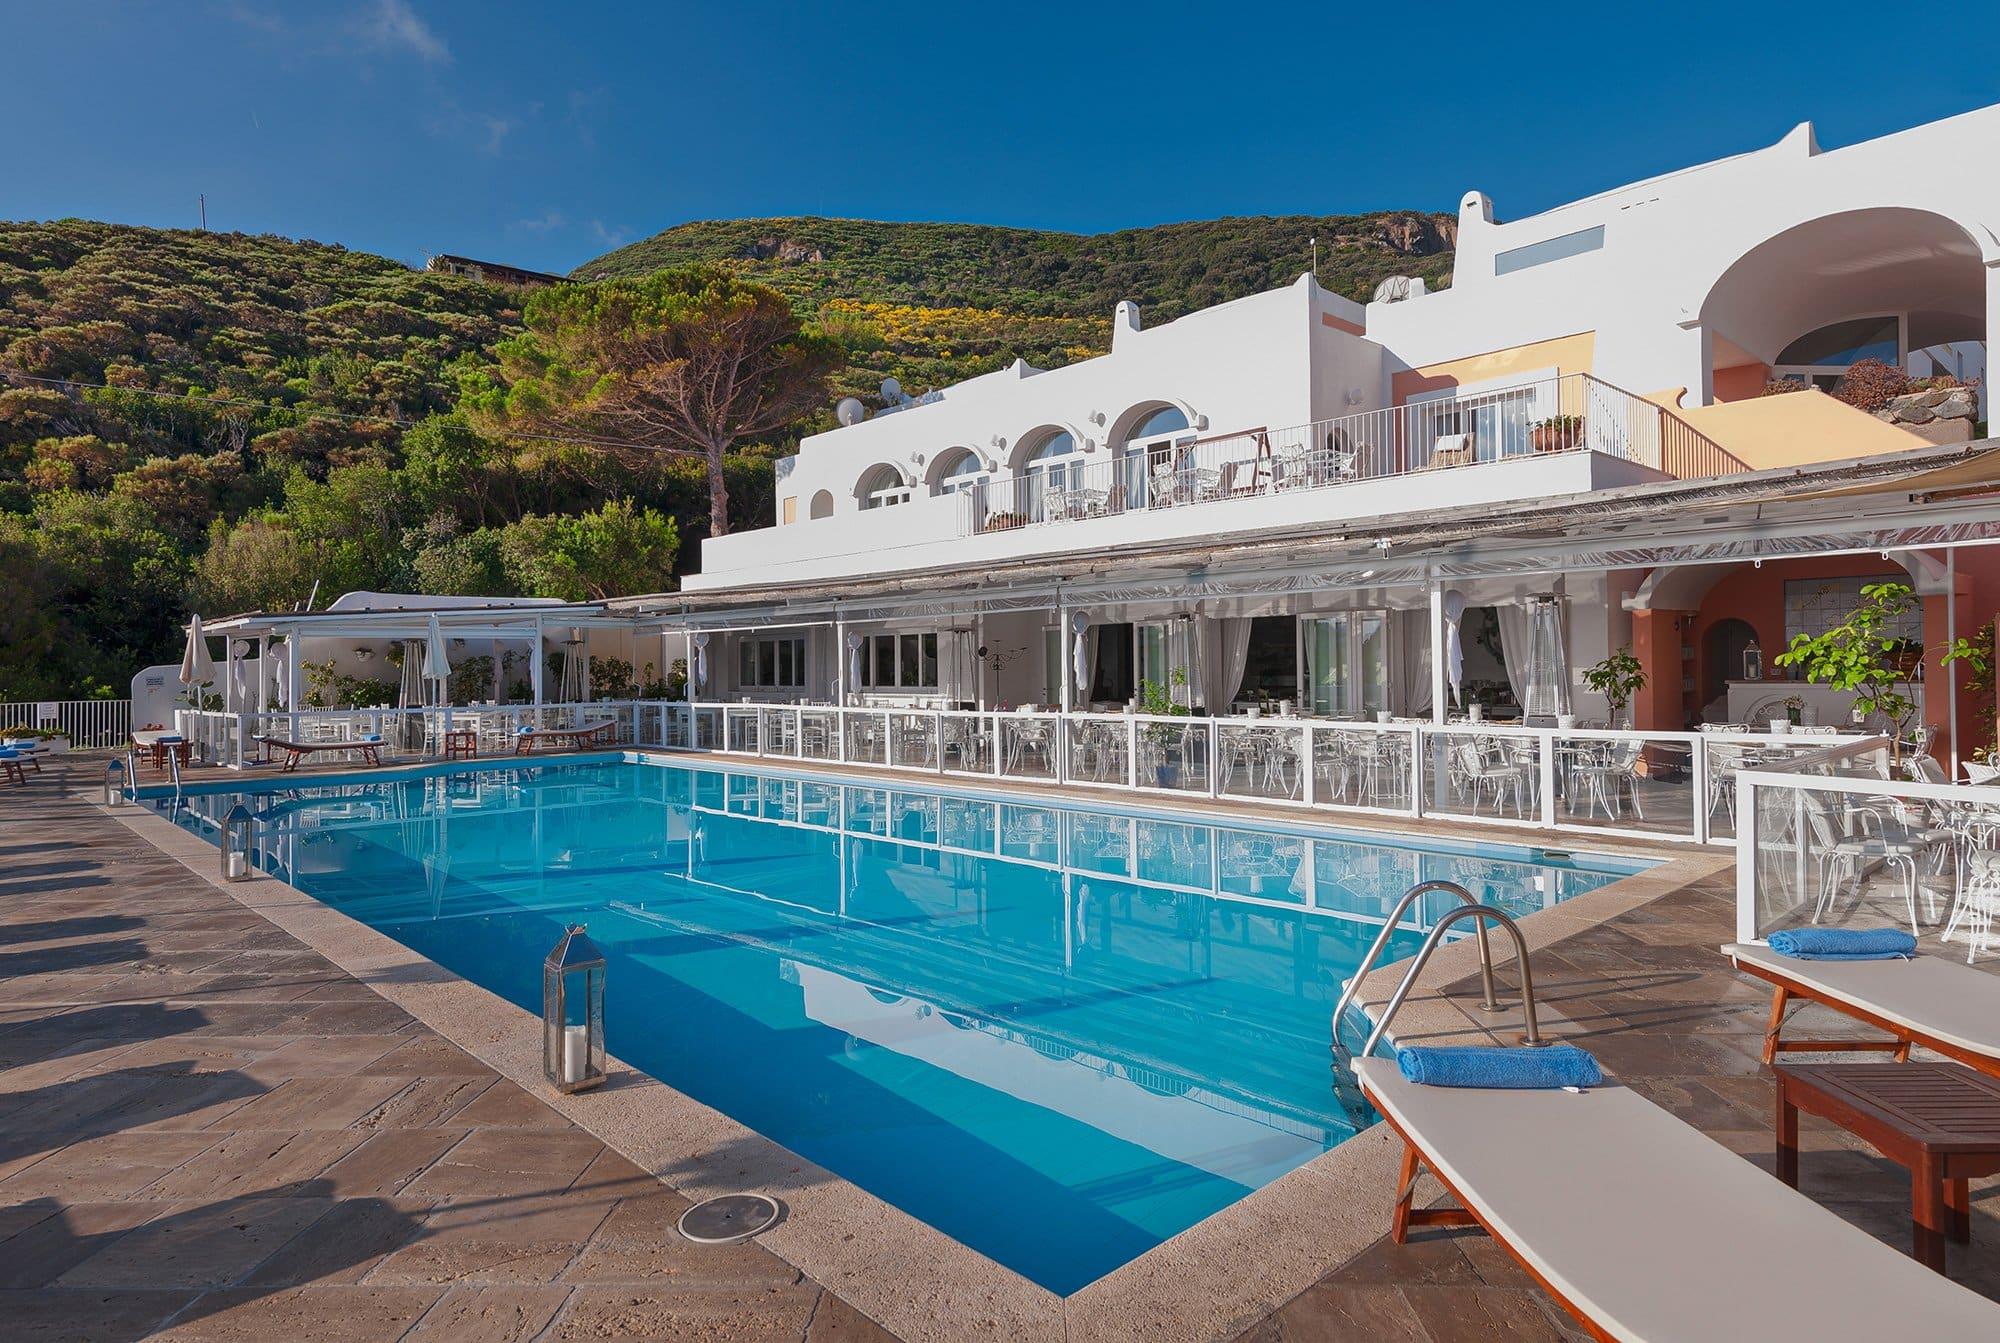 Hotel con piscina a ponza hotel isola di ponza con piscina - Hotel a pejo con piscina ...